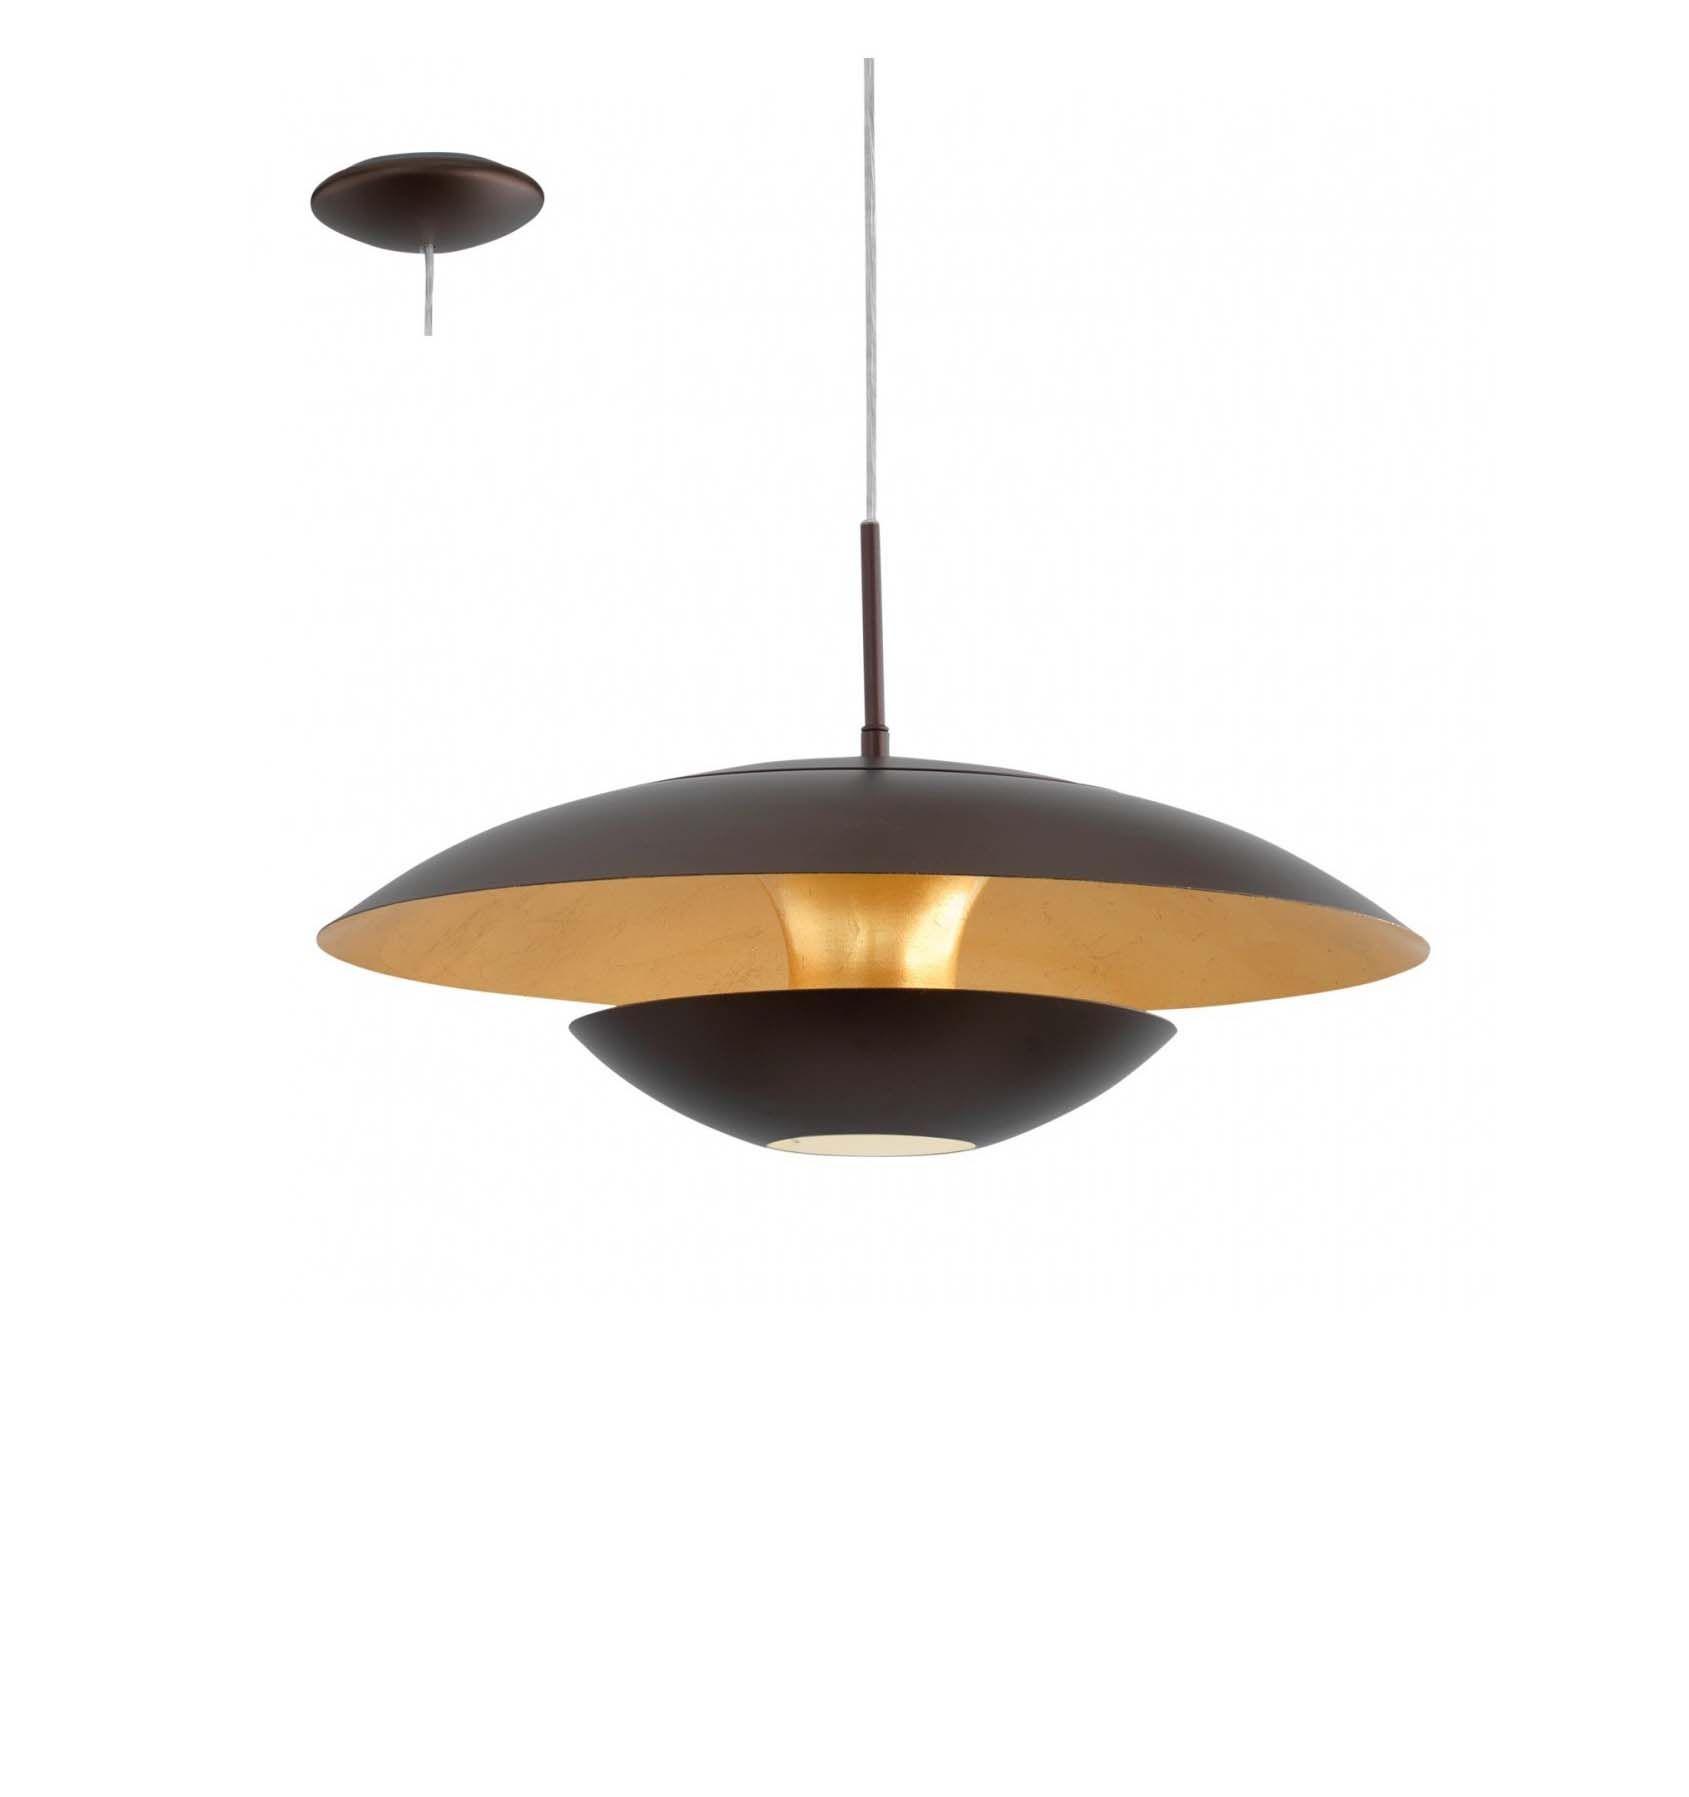 Lampadario Moderno Design Struttura In Metallo Colore